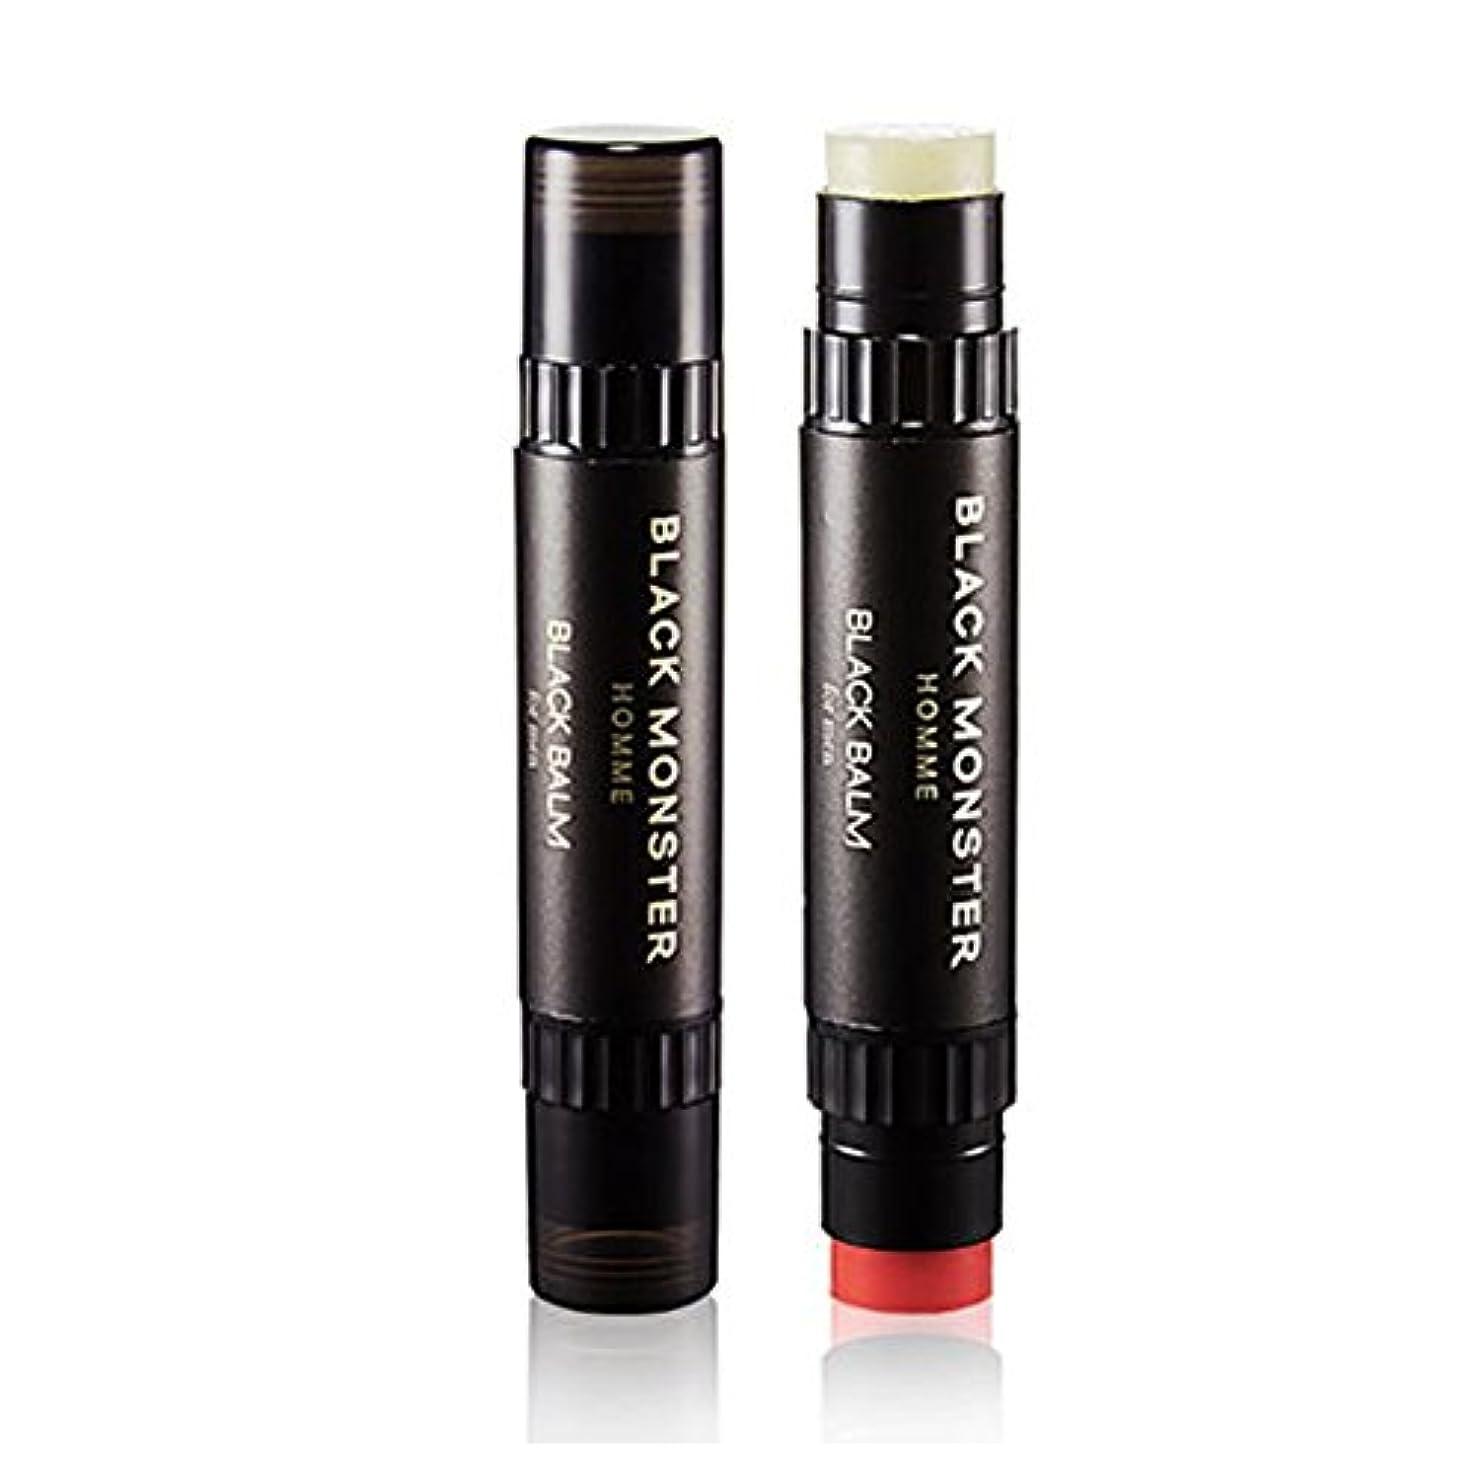 バケットサンプル目的ブラックモンスターオムブラックバムリップバム4.8g、チェリーの香りケモマイルの香りメンズコスメ、Black Monster Homme Black Balm Lip Balm 4.8g Cherry Scent Chamomile Scent Men'Cosmetics [並行輸入品]